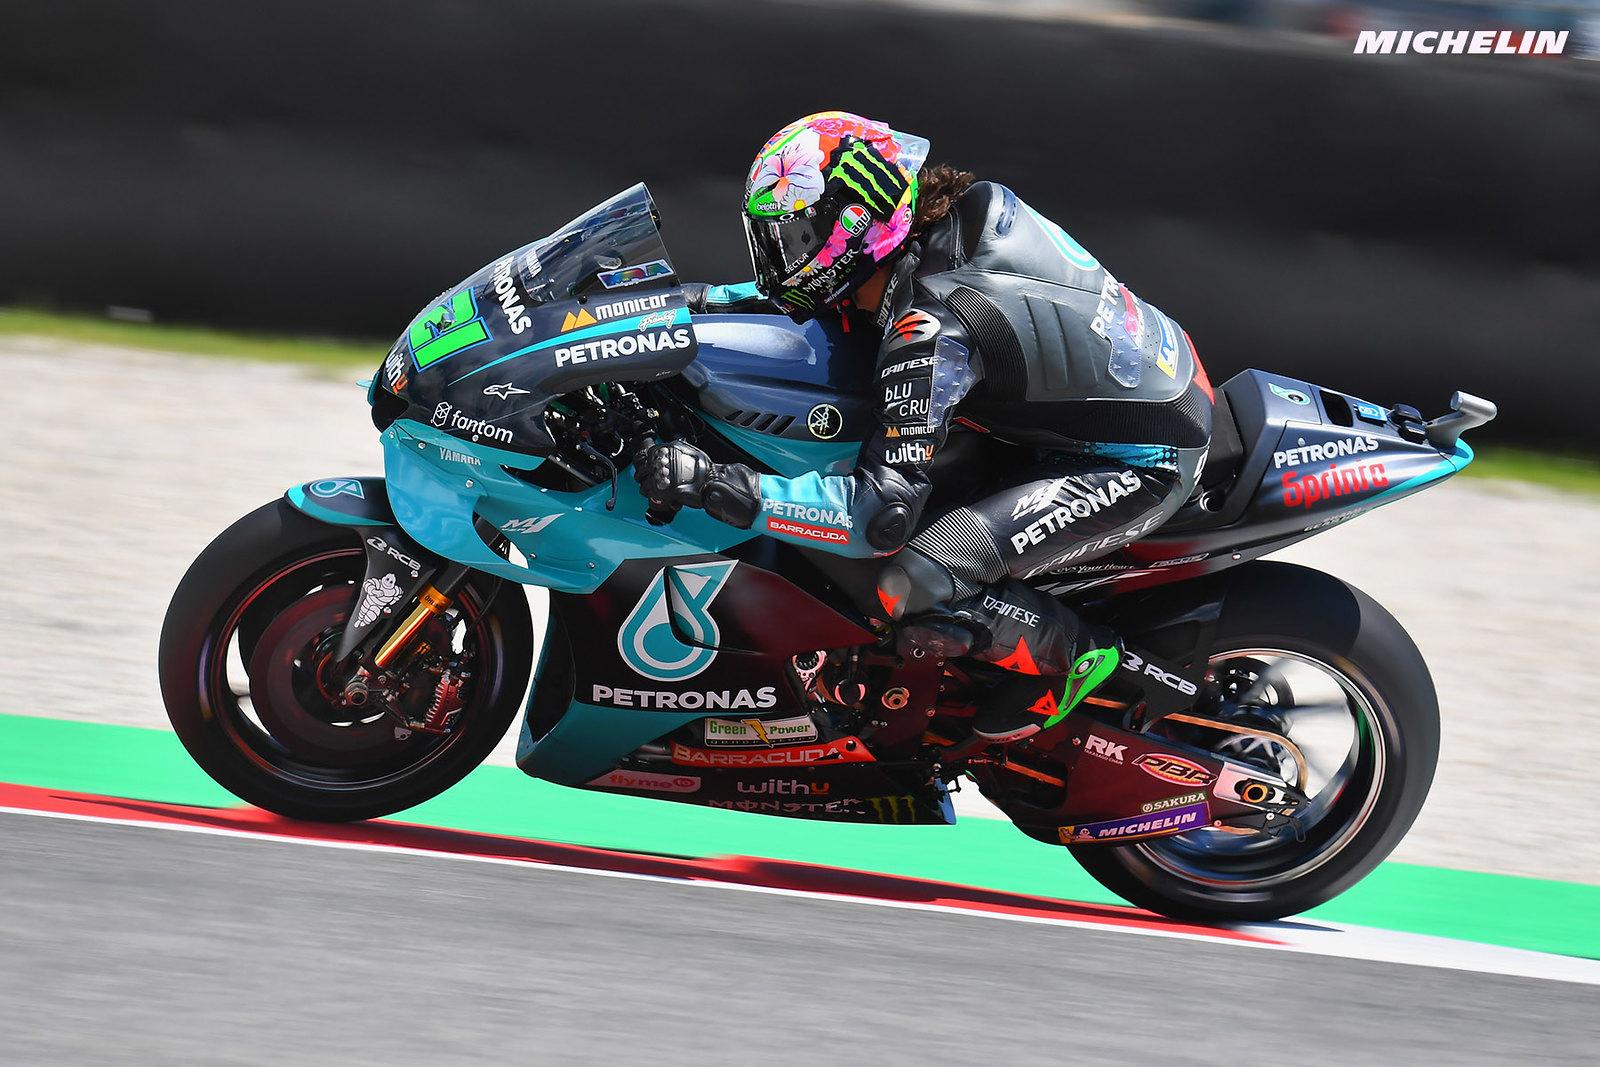 MotoGP2021イタリアGP 初日総合3位 フランコ・モルビデッリ「緻密な作業を続けている結果」